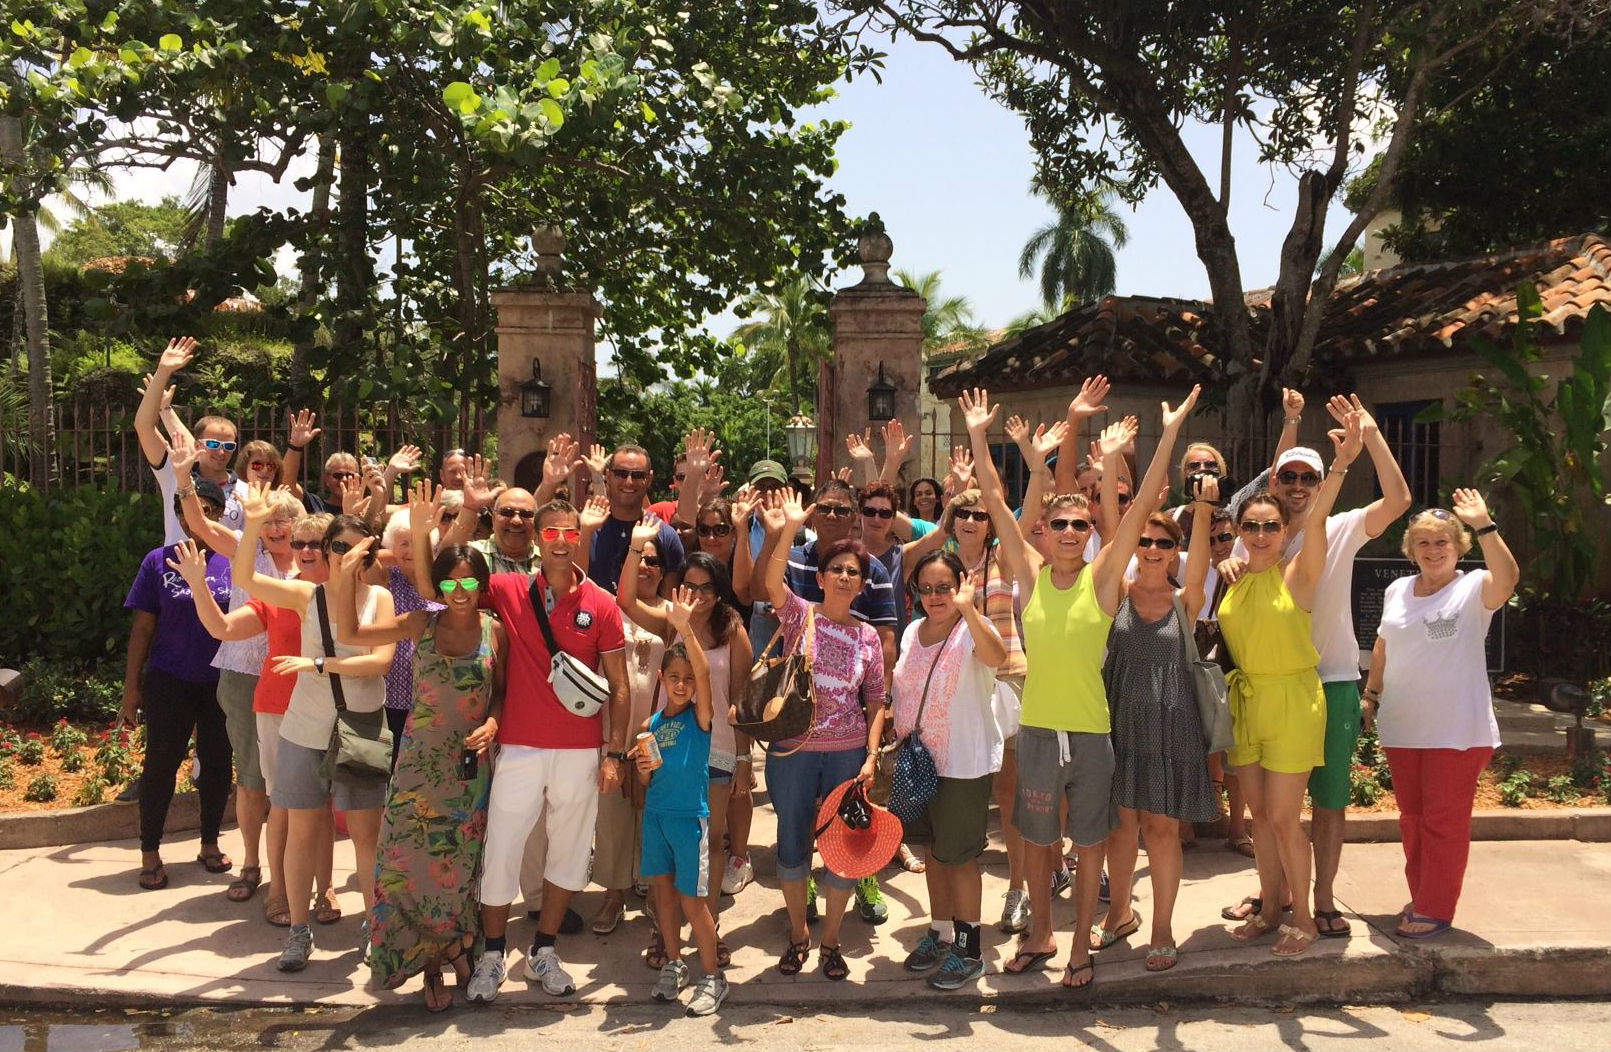 Miami Sightseeing Tour